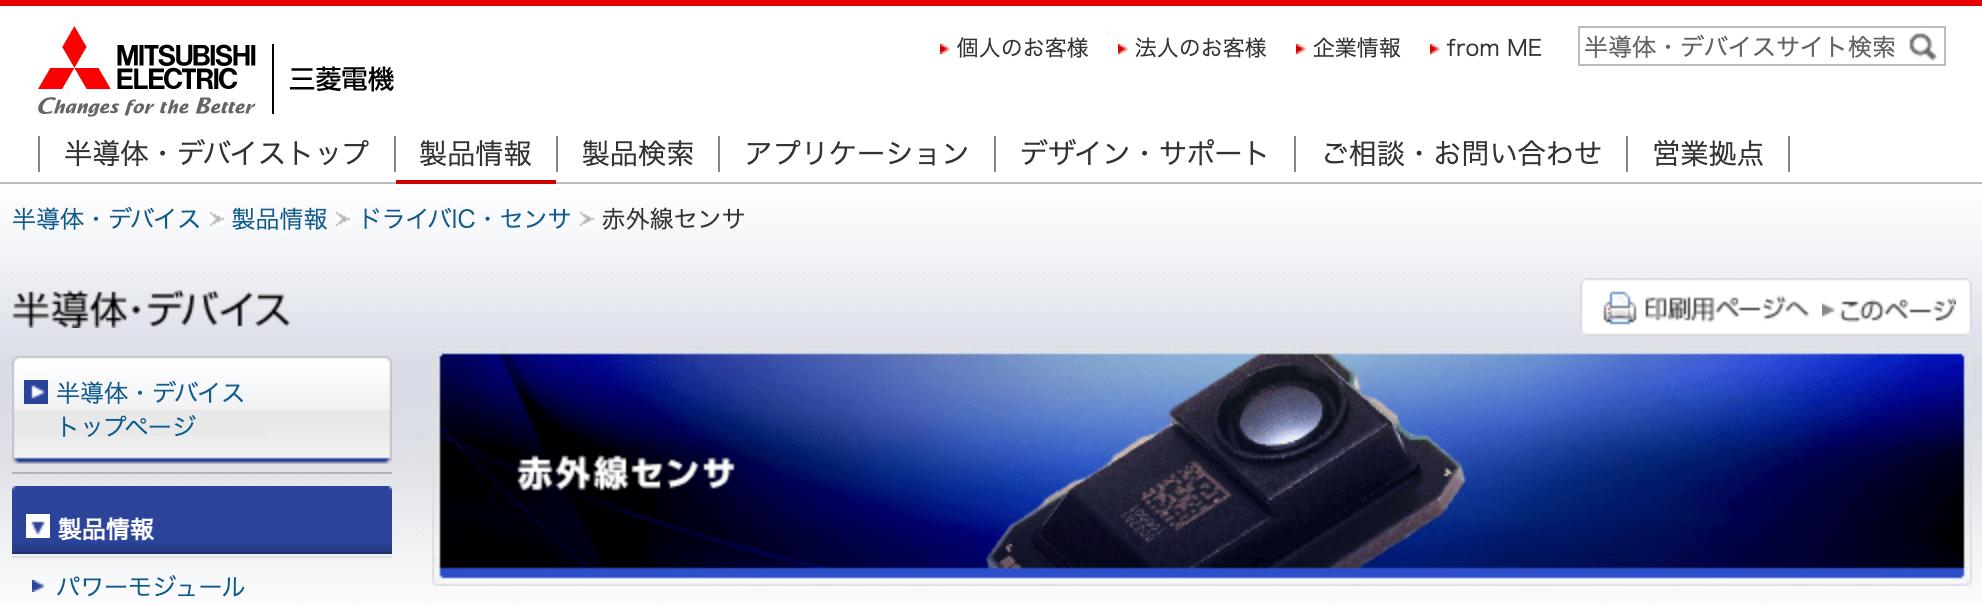 サーマルダイオード赤外線センサ「MelDIR」 MIR8032シリーズ